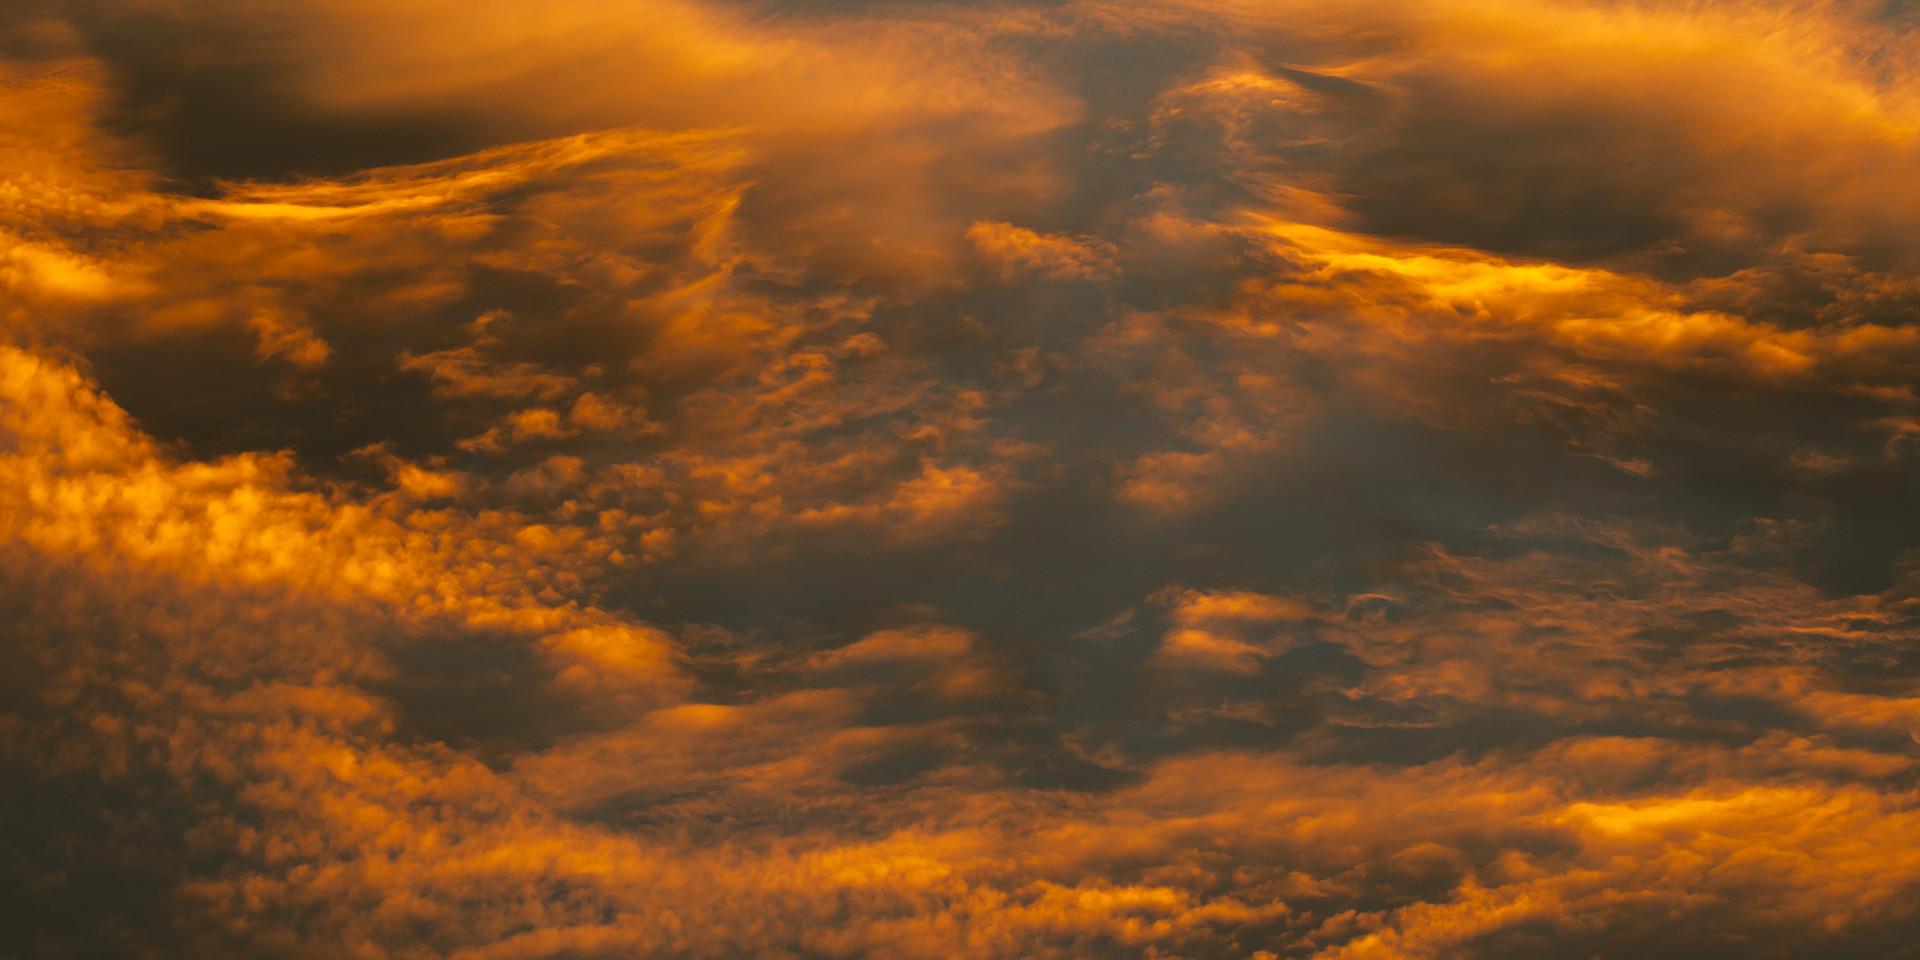 Fire Clouds